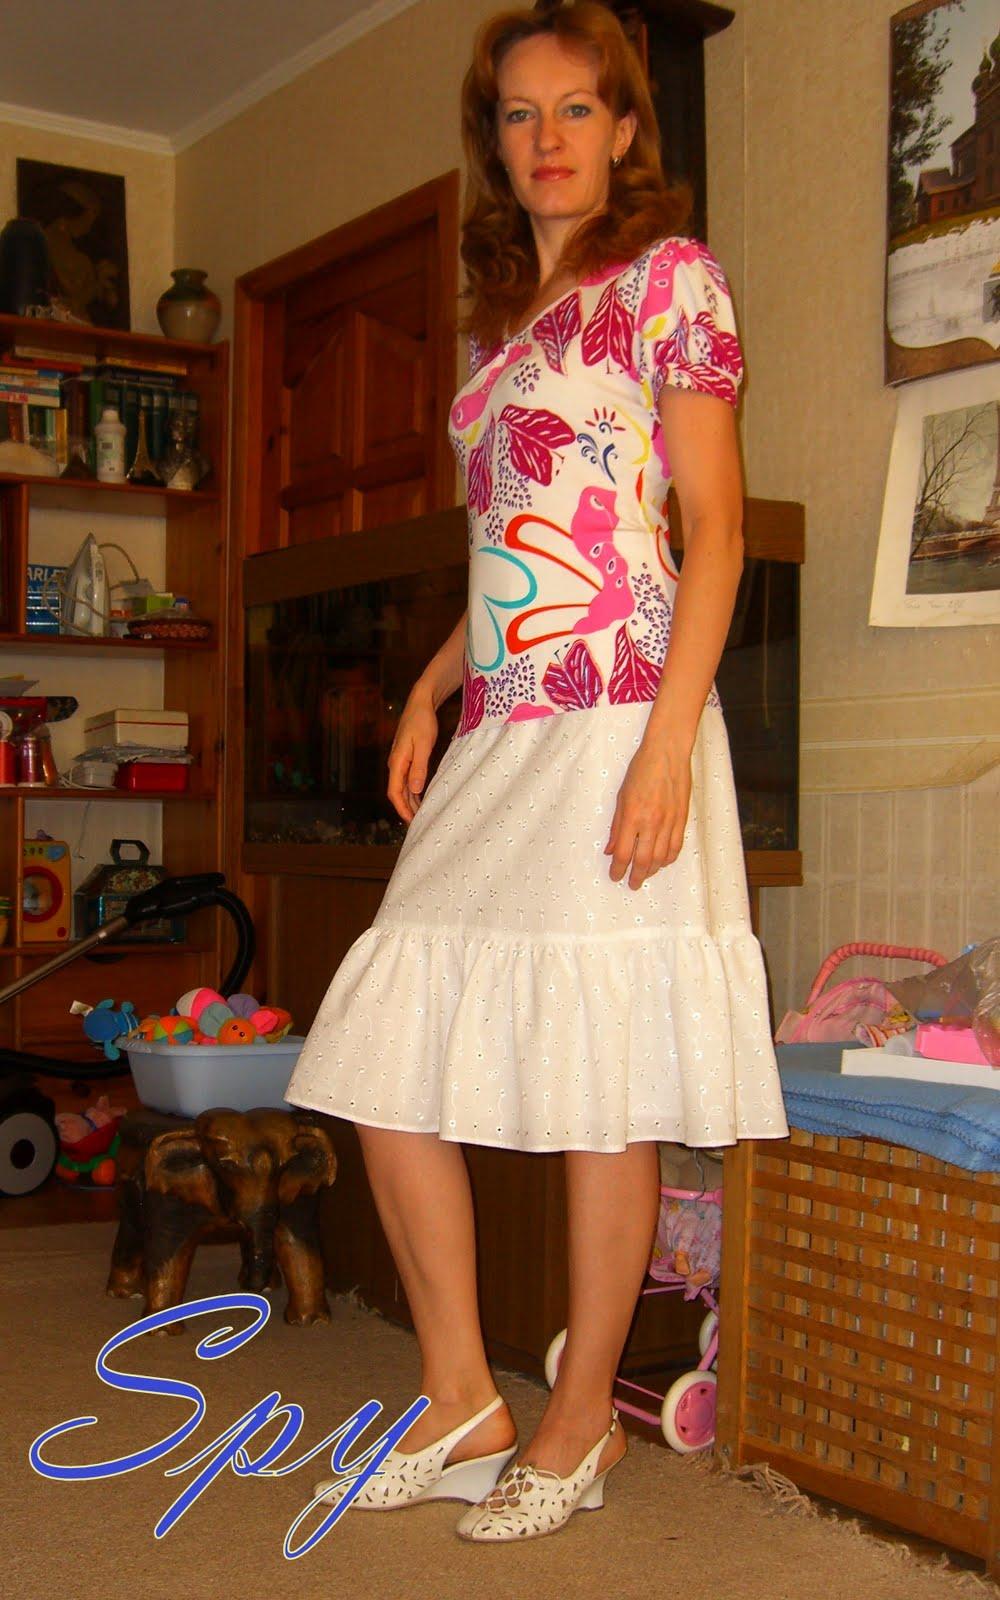 Сын поднимает маме юбку 11 фотография